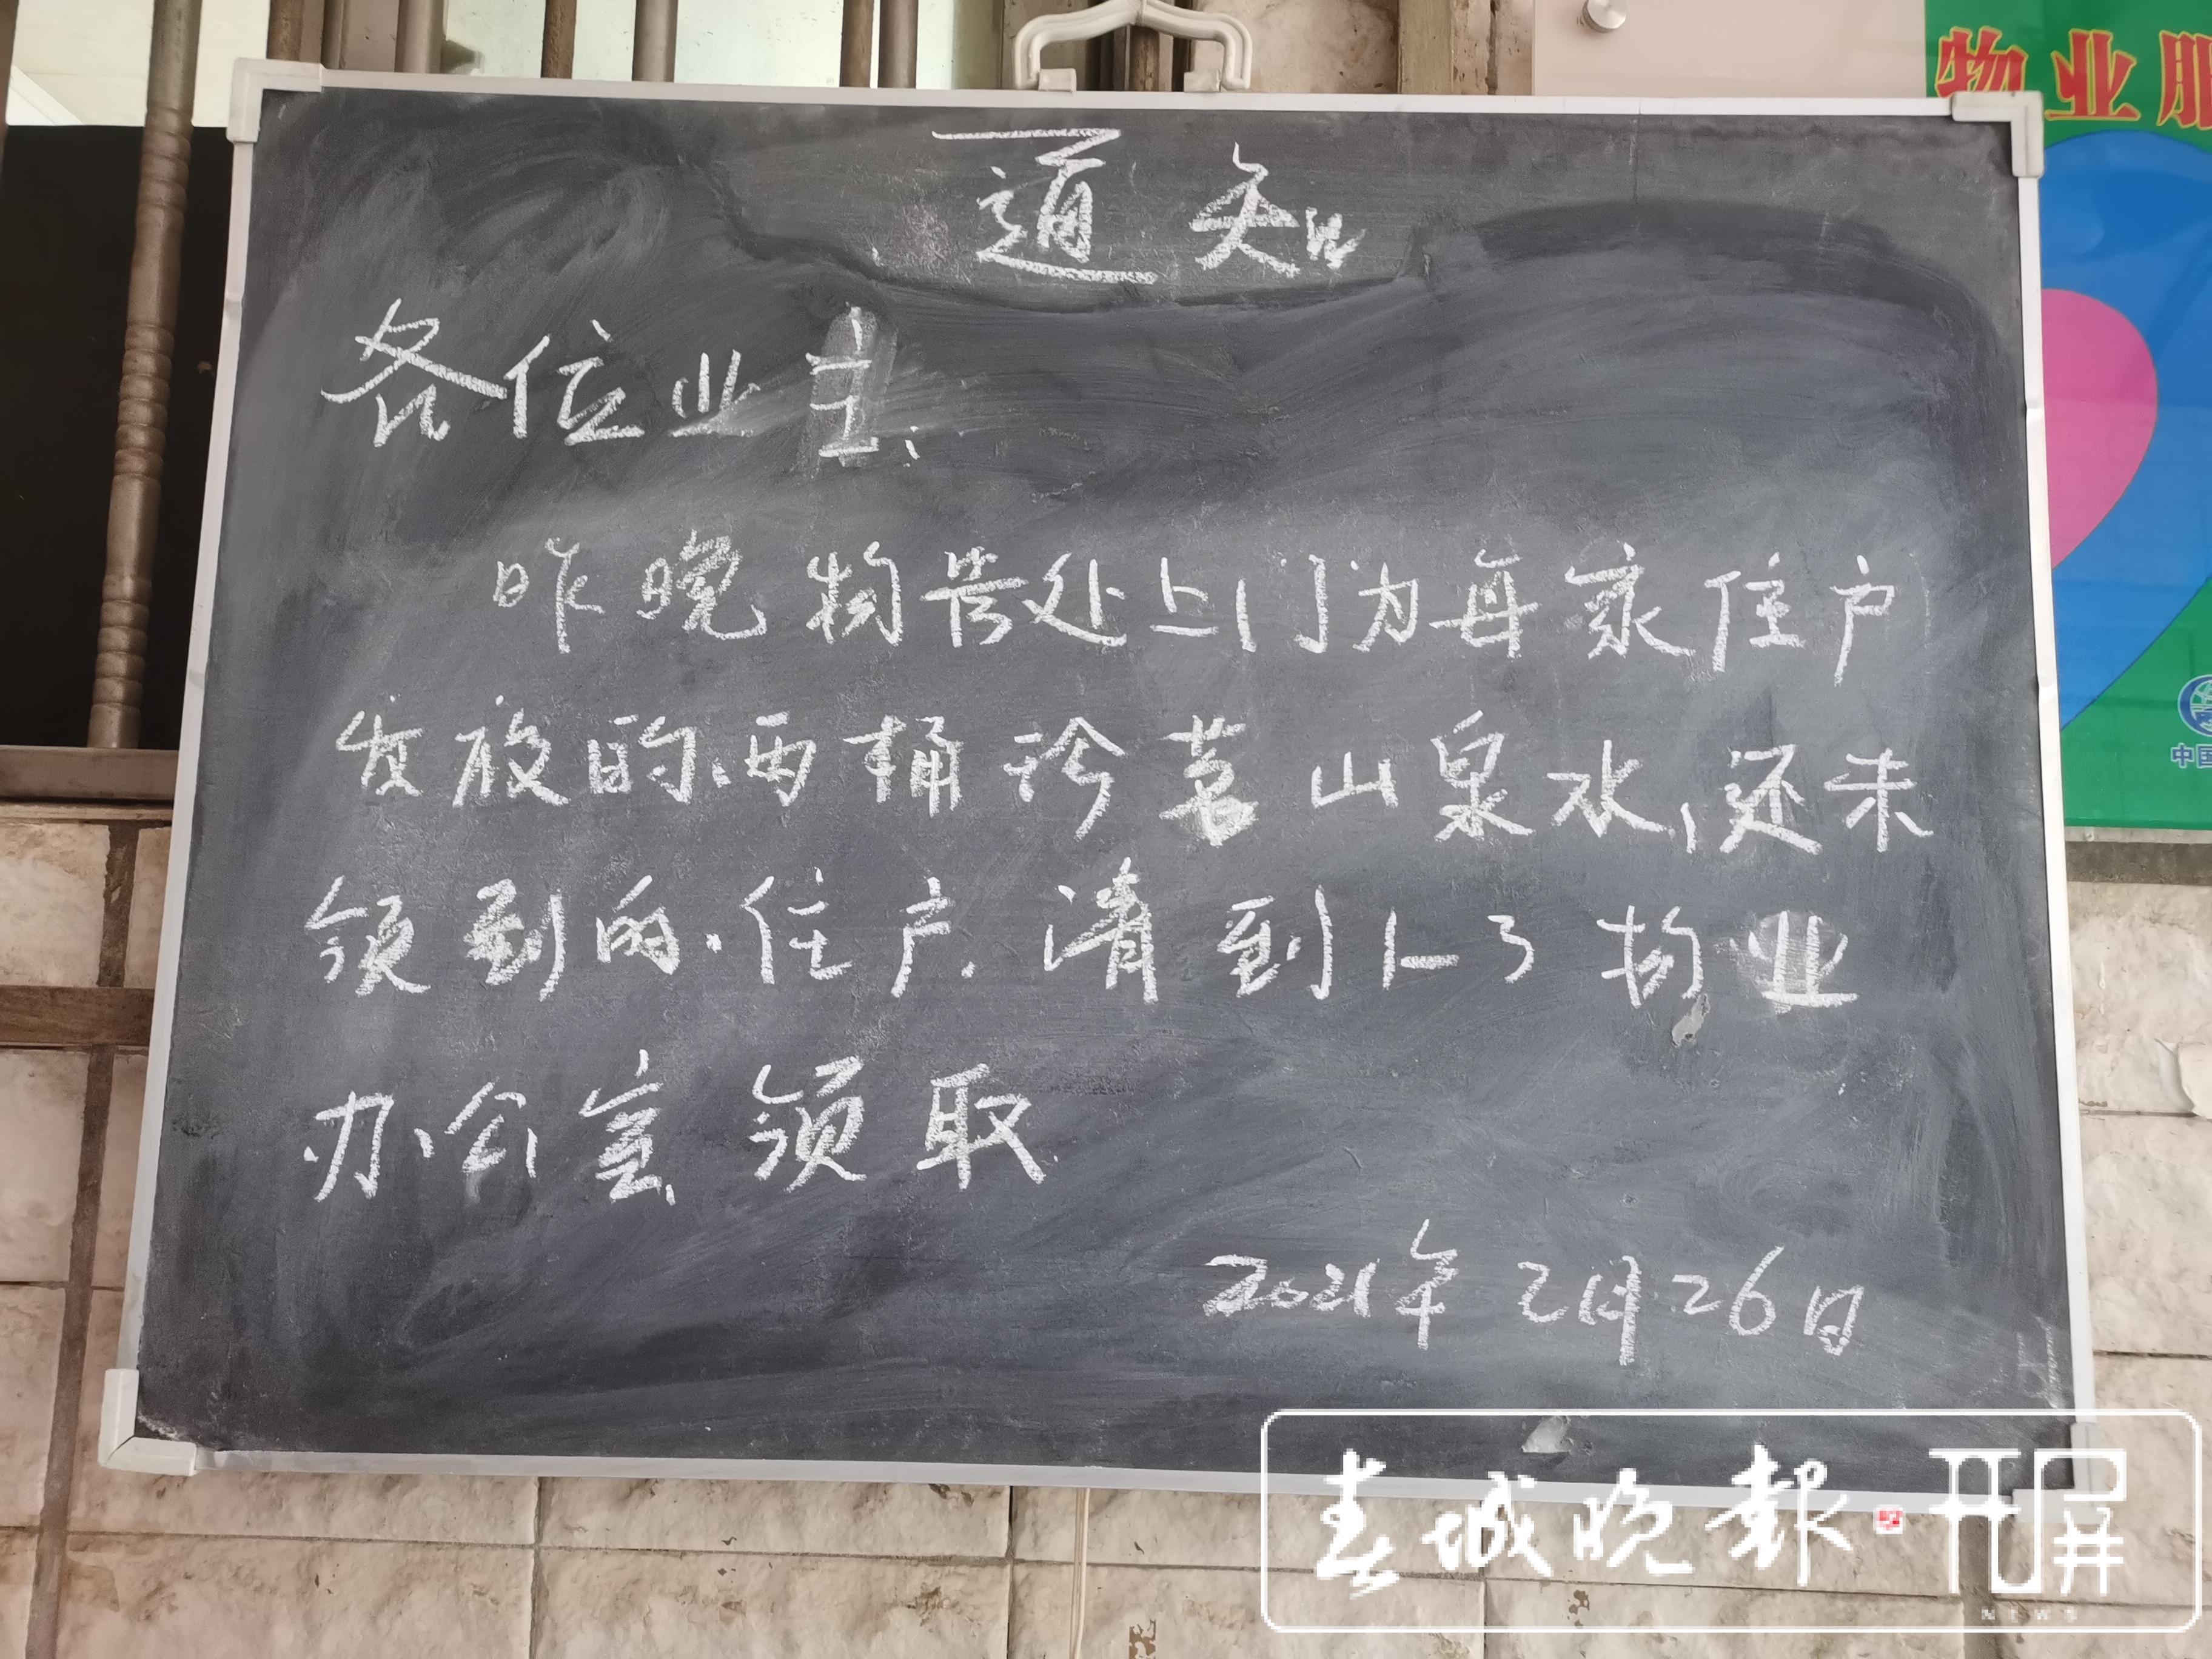 """蓄水池遭污染引居民""""怪病""""小区25日已恢复供水 (1).jpg"""